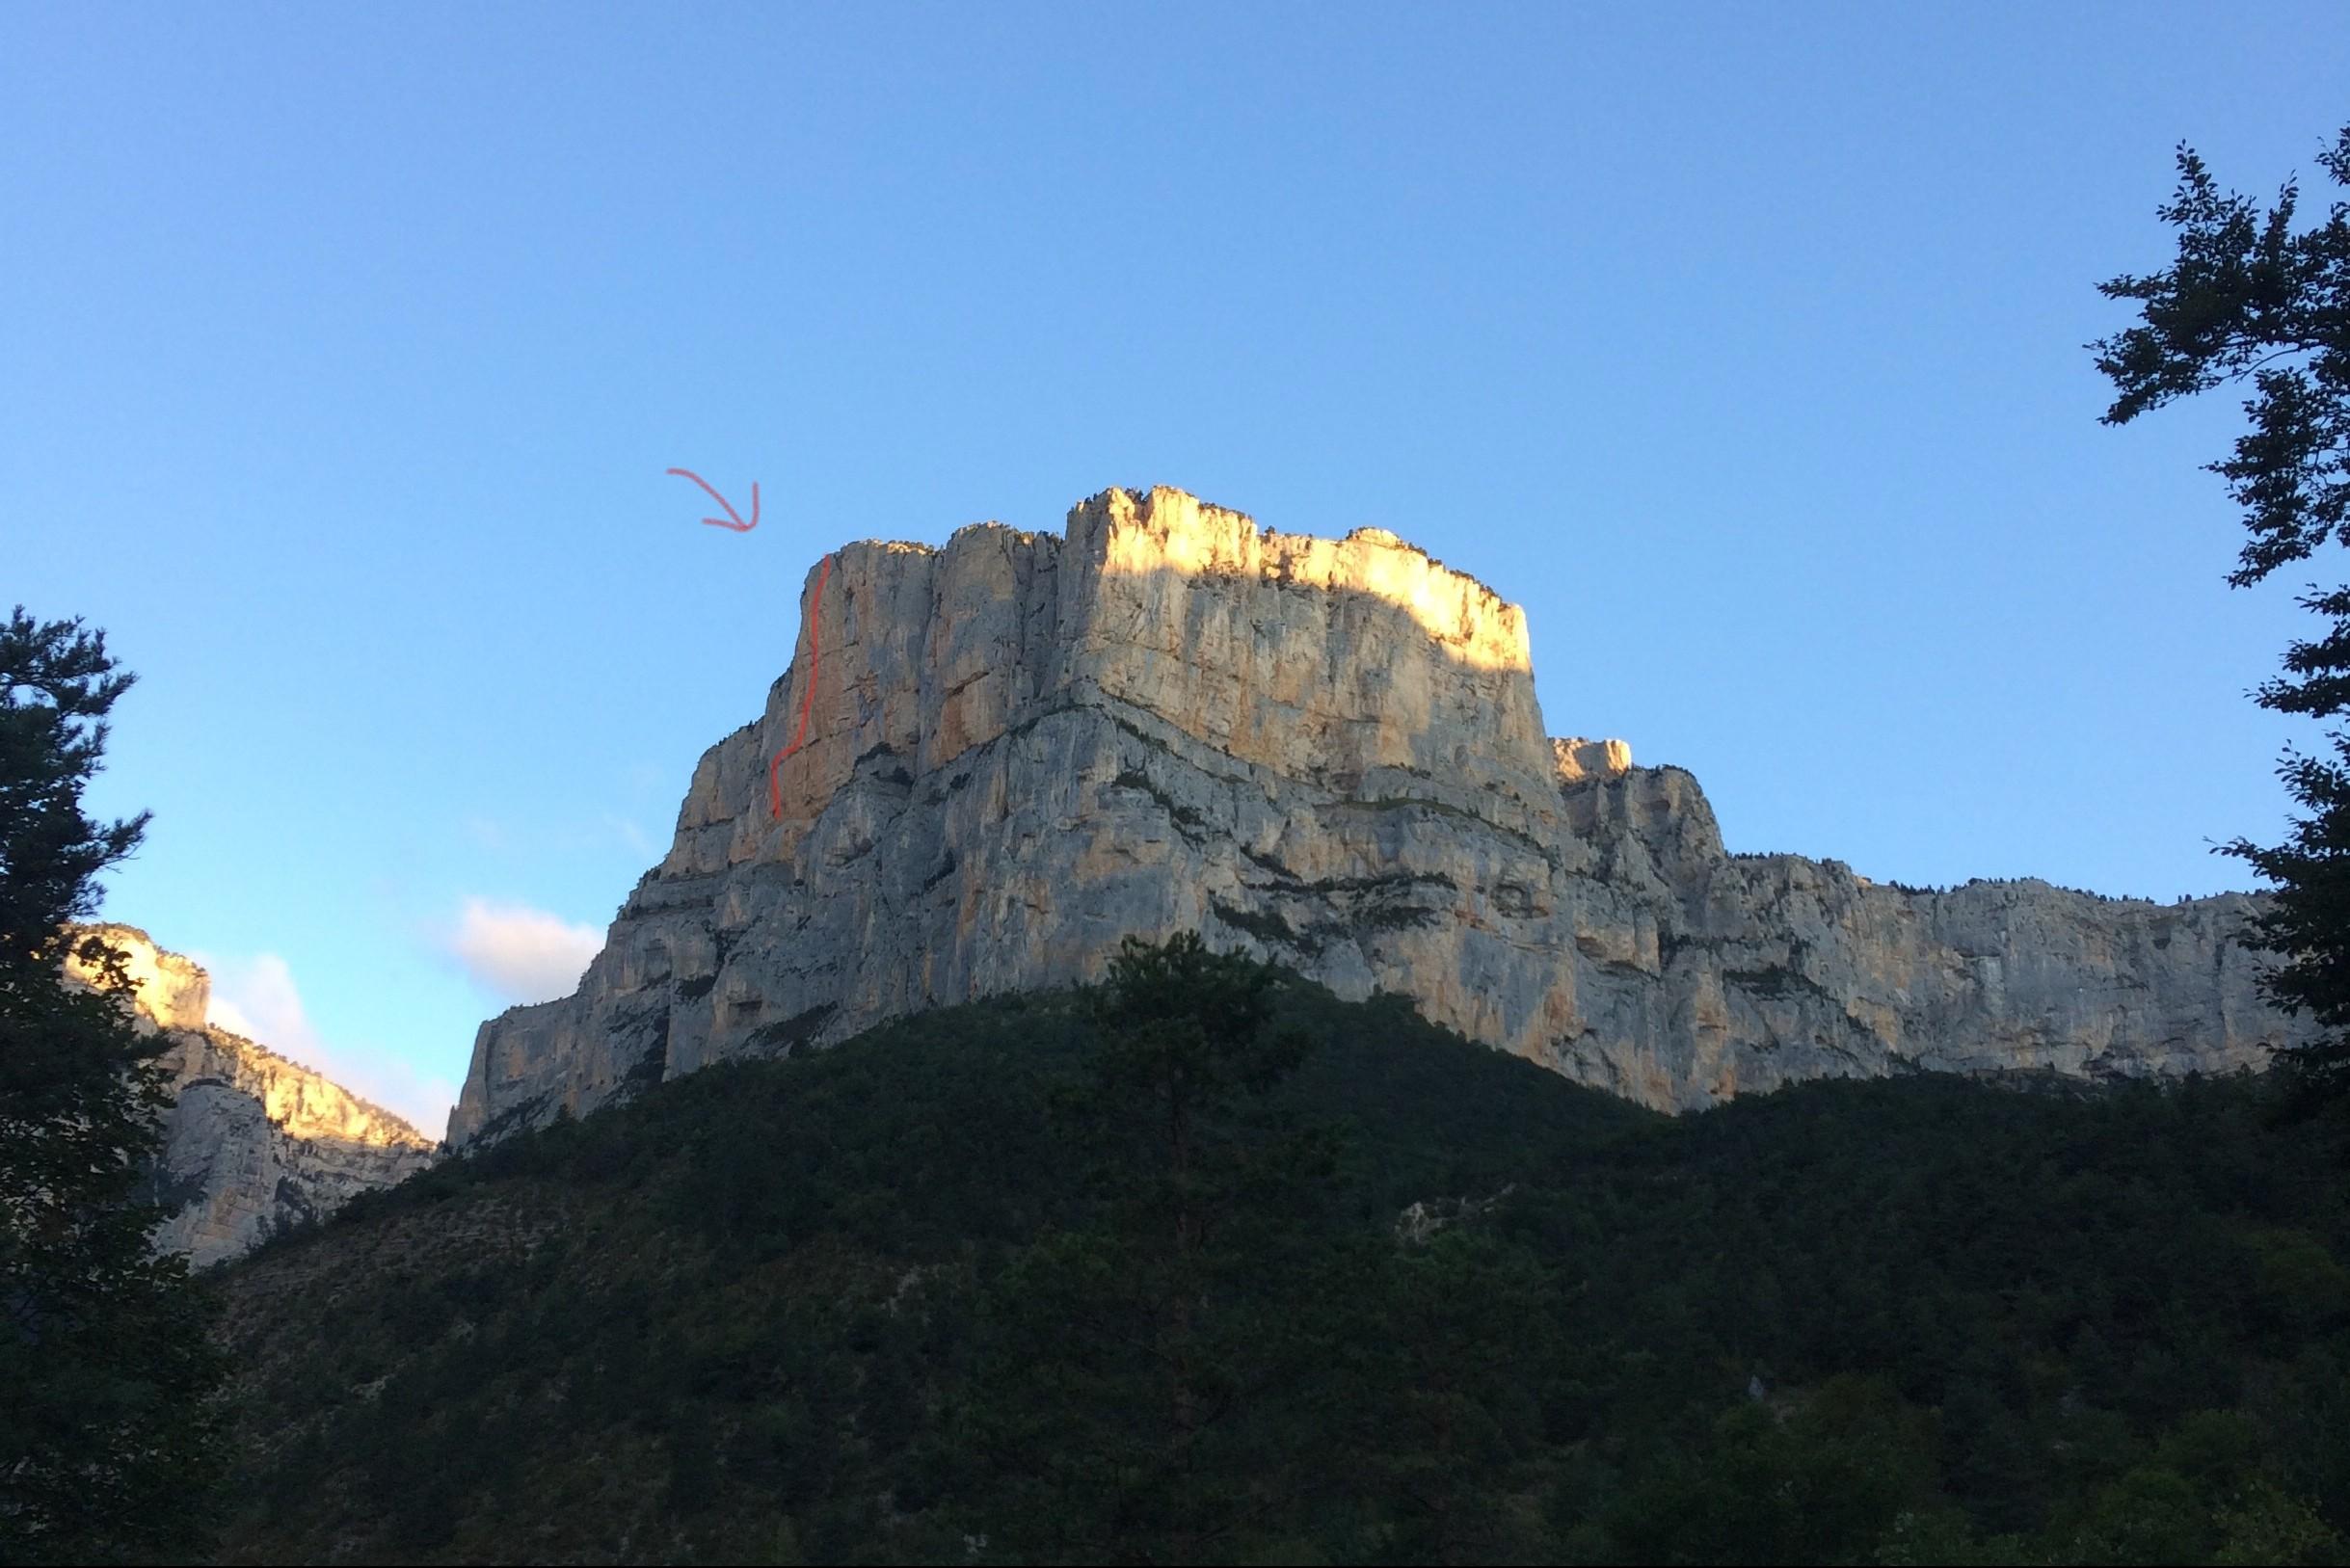 Vue du rocher darchiane et de ola paroi rouge dans la Drôme. Une grande voie mythique.